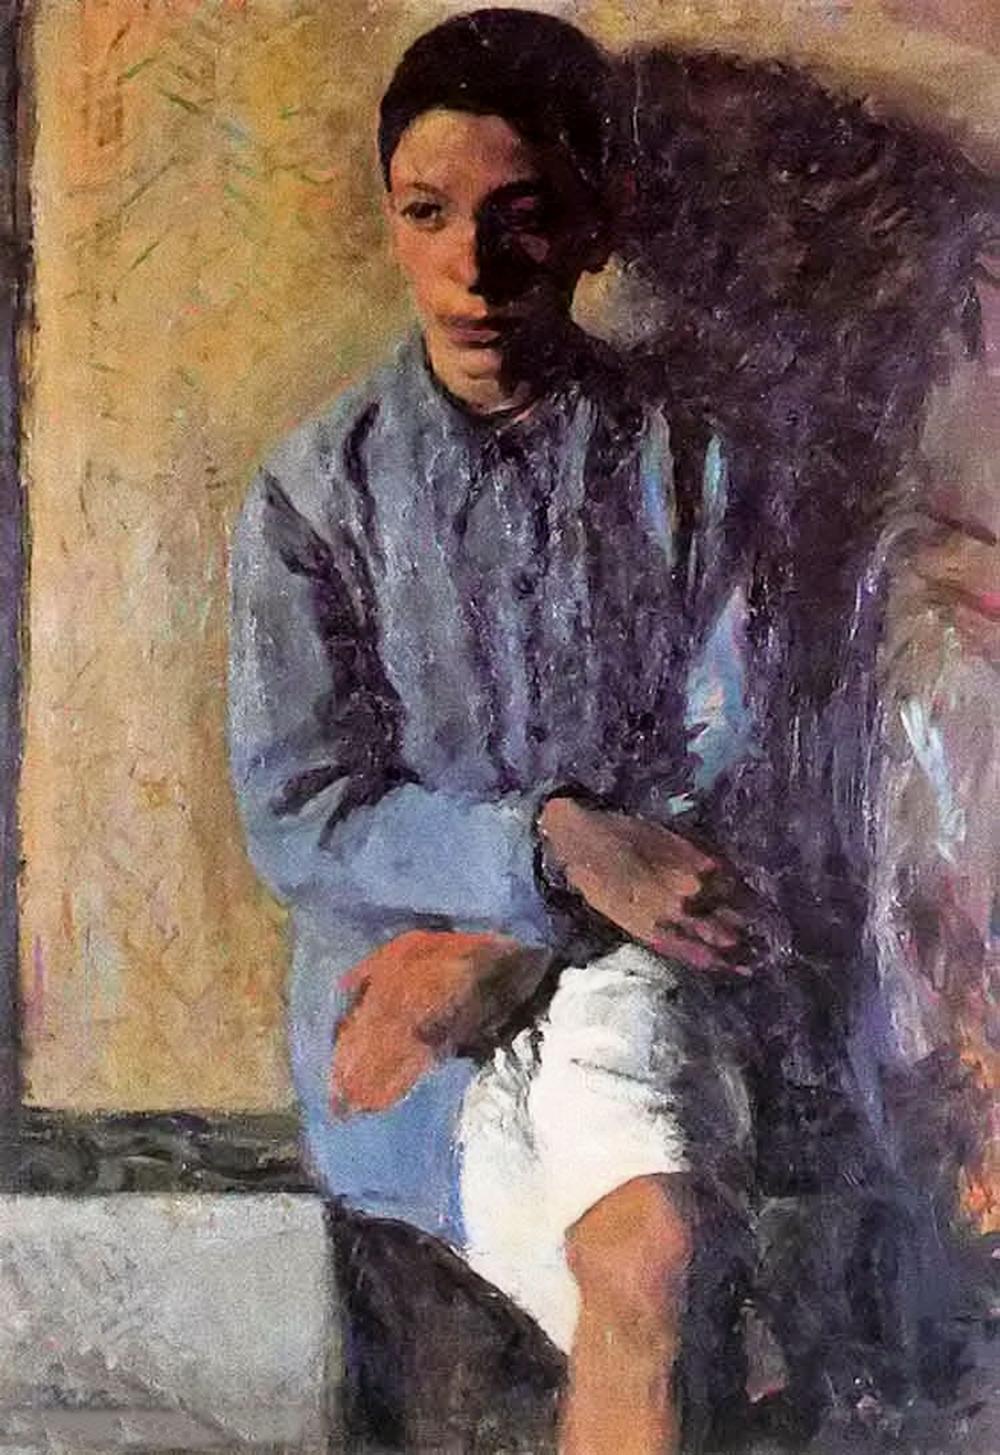 立体与未来主义的忧郁 | 意大利艺术家 Mario Sironi 绘画作品插图23